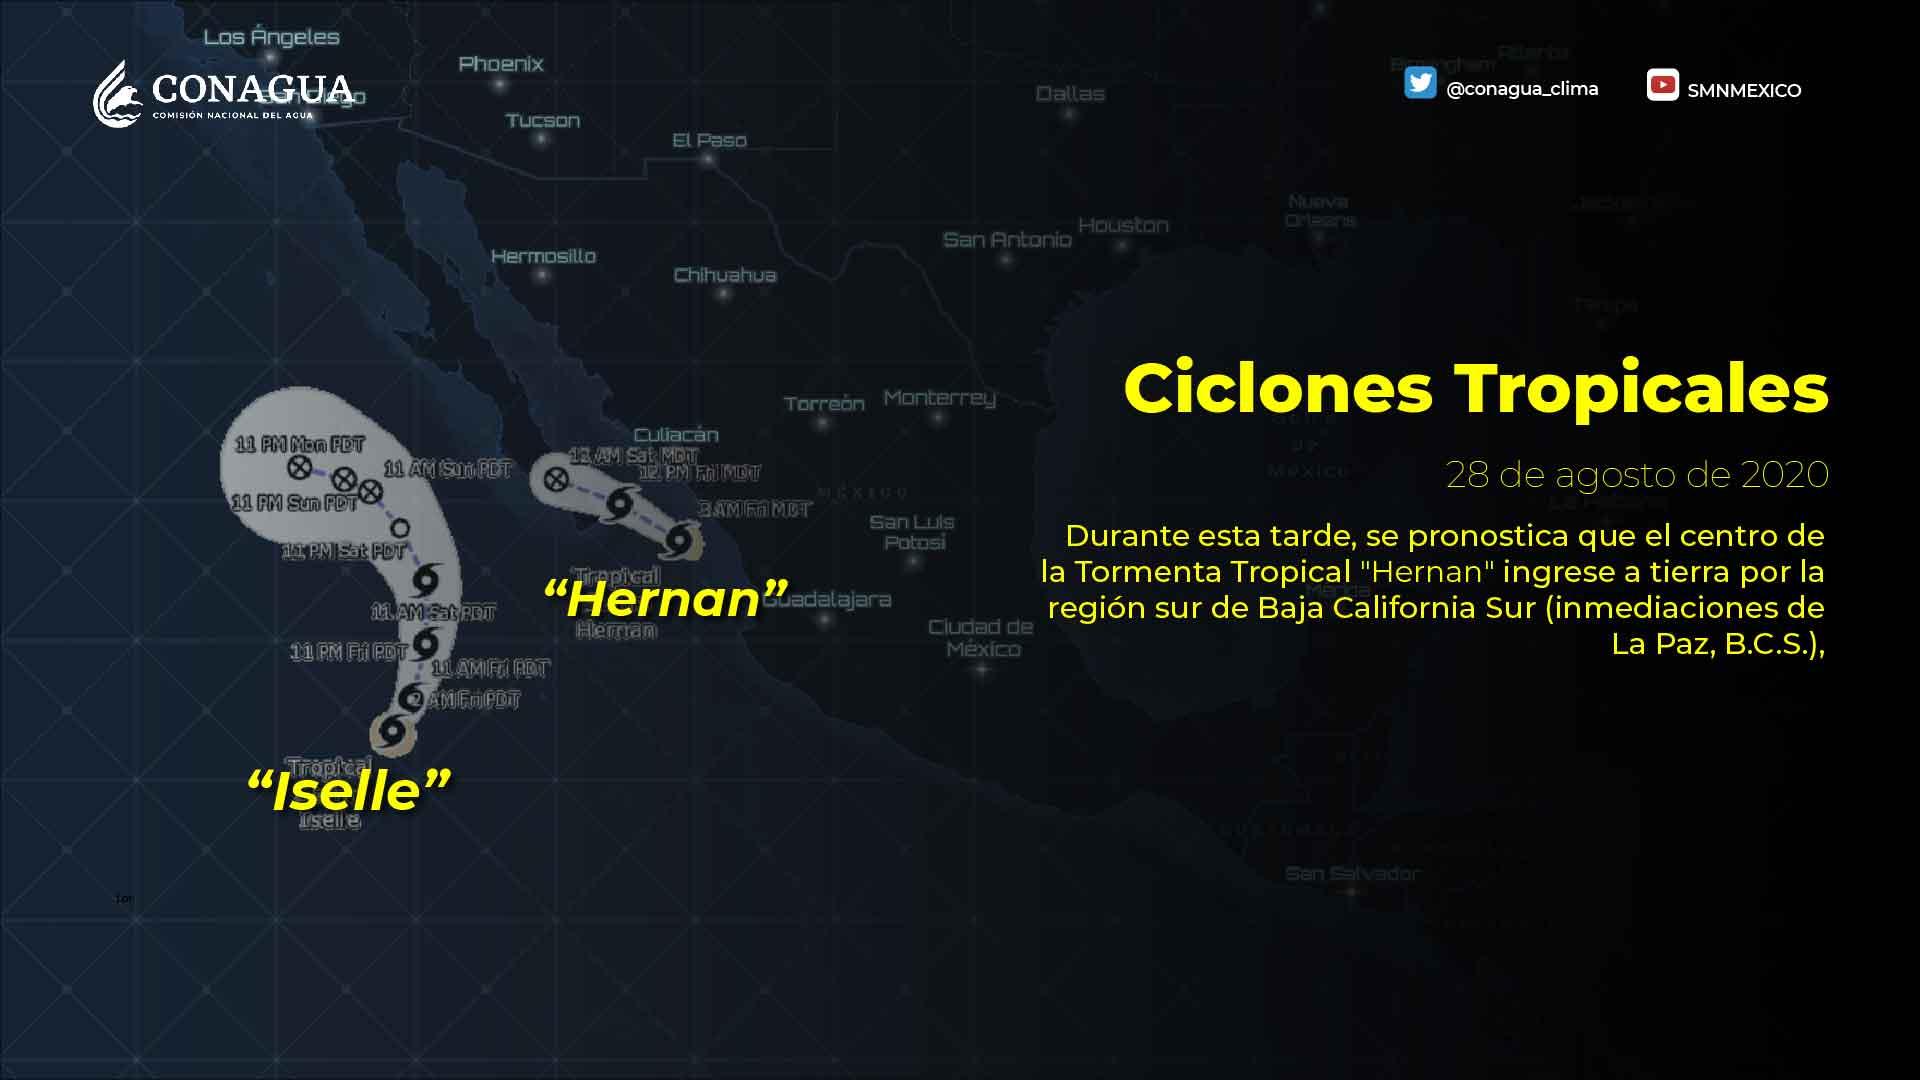 Posibilidad de lluvias en Tlaxcala por la llegada de Hernan